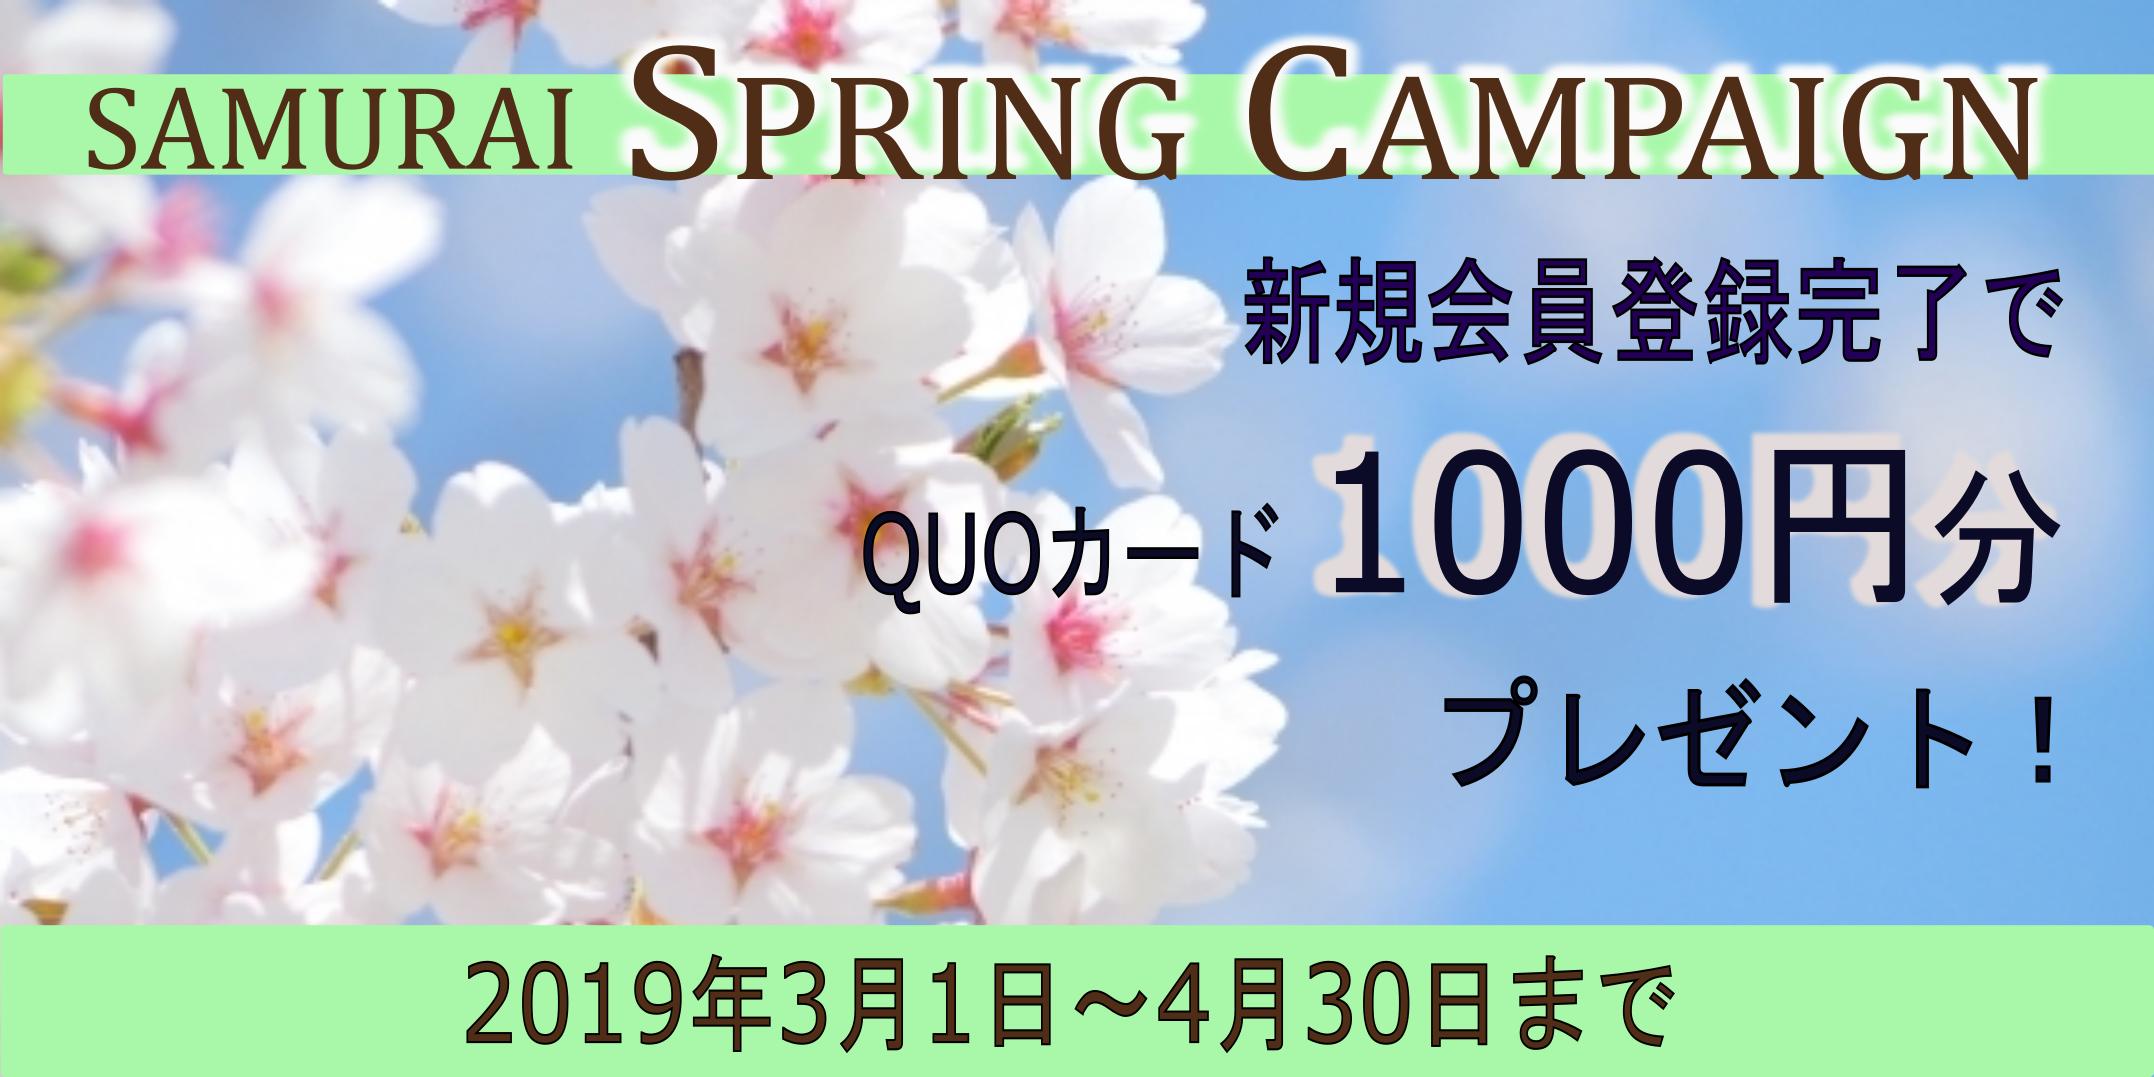 SAMURAI Springキャンペーンのお知らせ